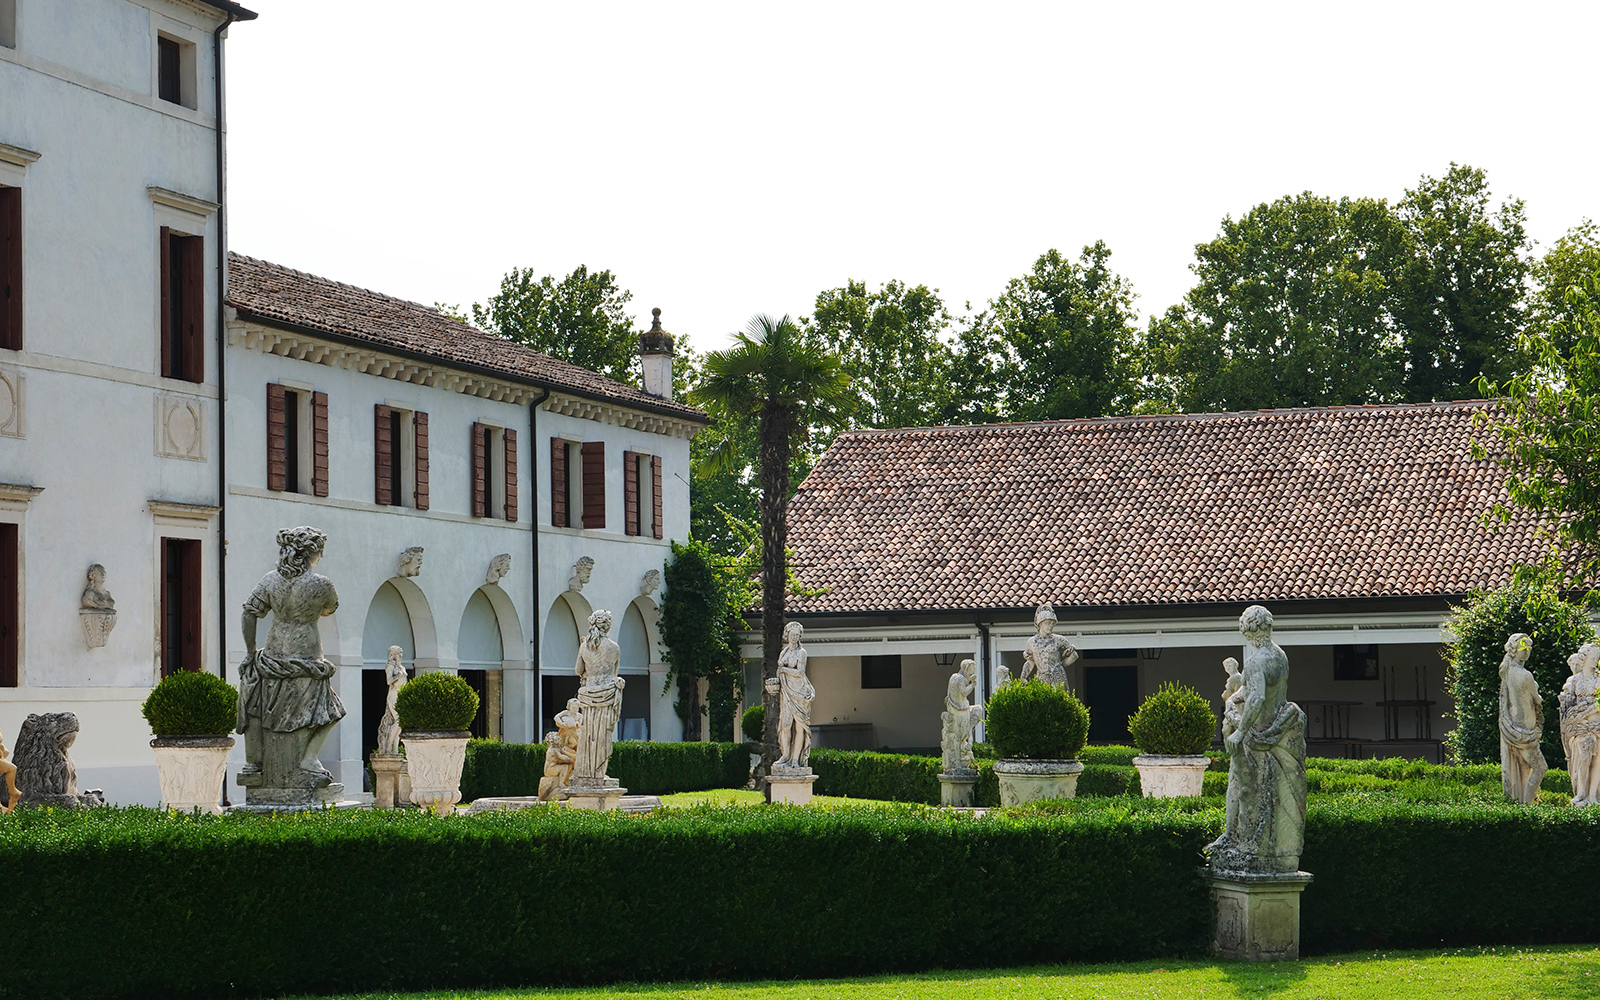 , giardino esterno per eventi Vicenza, spazio esterno per eventi Vicenza, giardino esterno matrimonio Vicenza, giardino per shooting